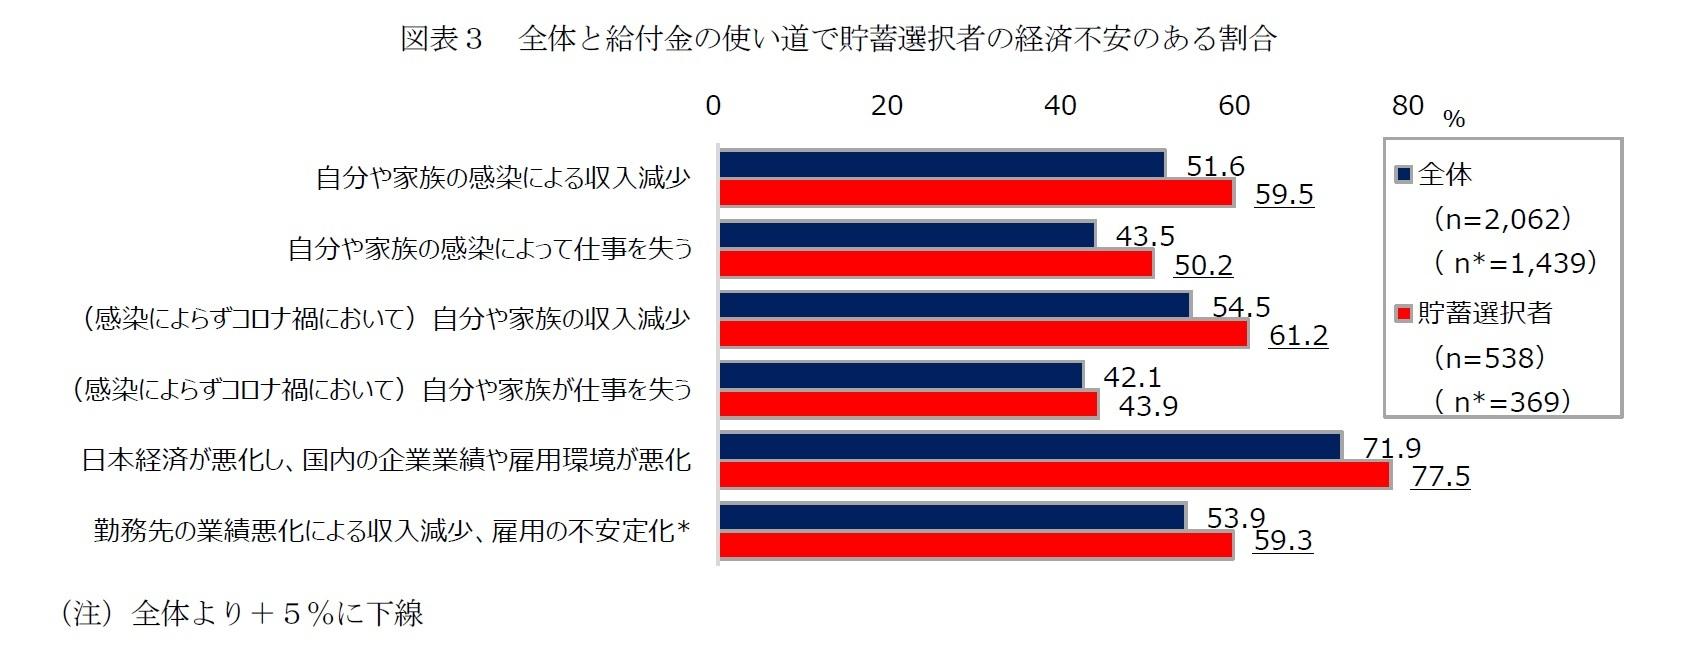 図表3 全体と給付金の使い道で貯蓄選択者の経済不安のある割合